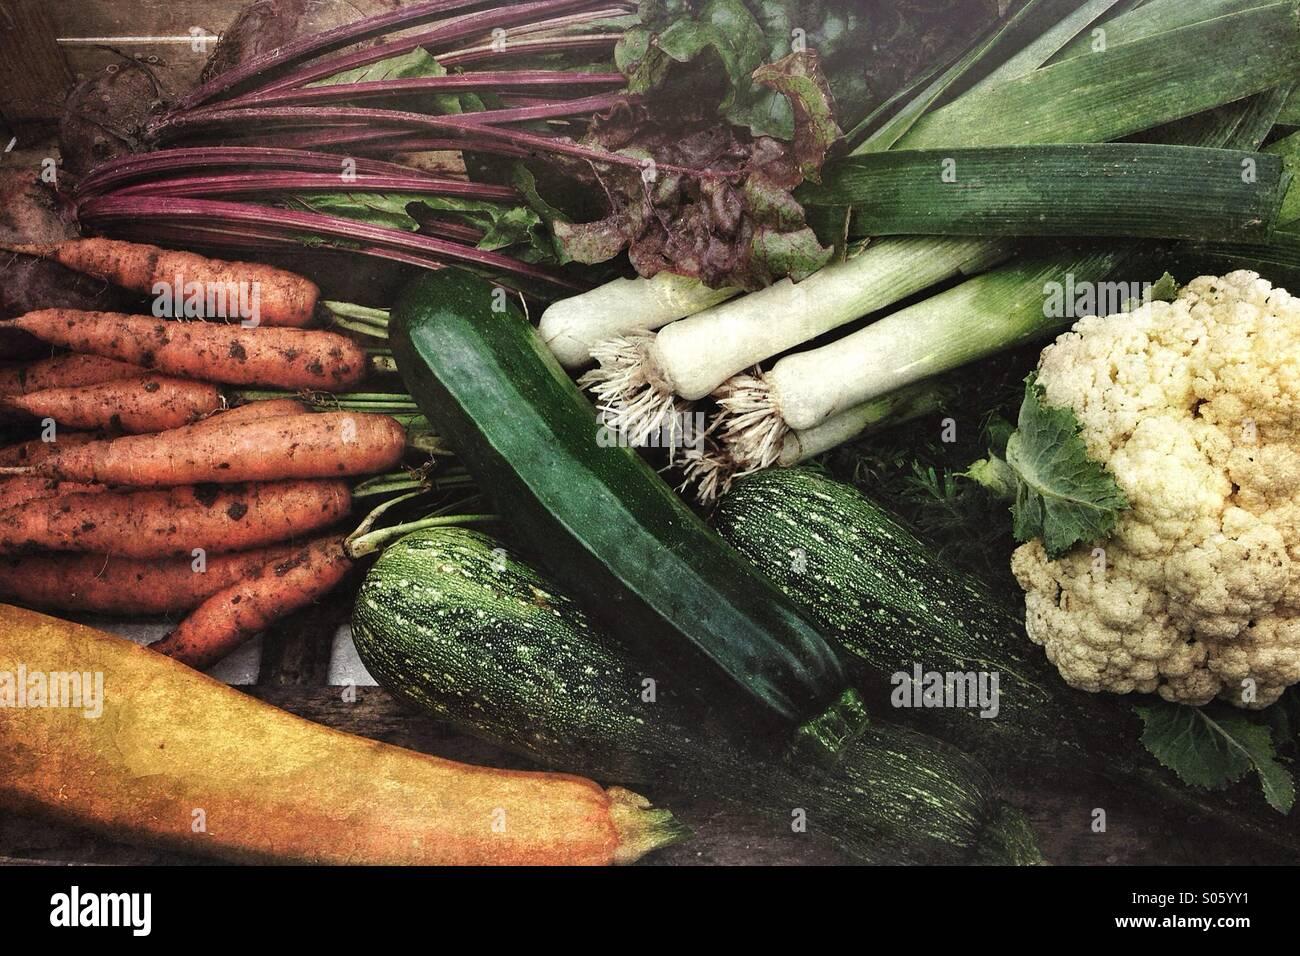 Les légumes biologiques frais choisi à partir d'un jardin d'accueil Photo Stock